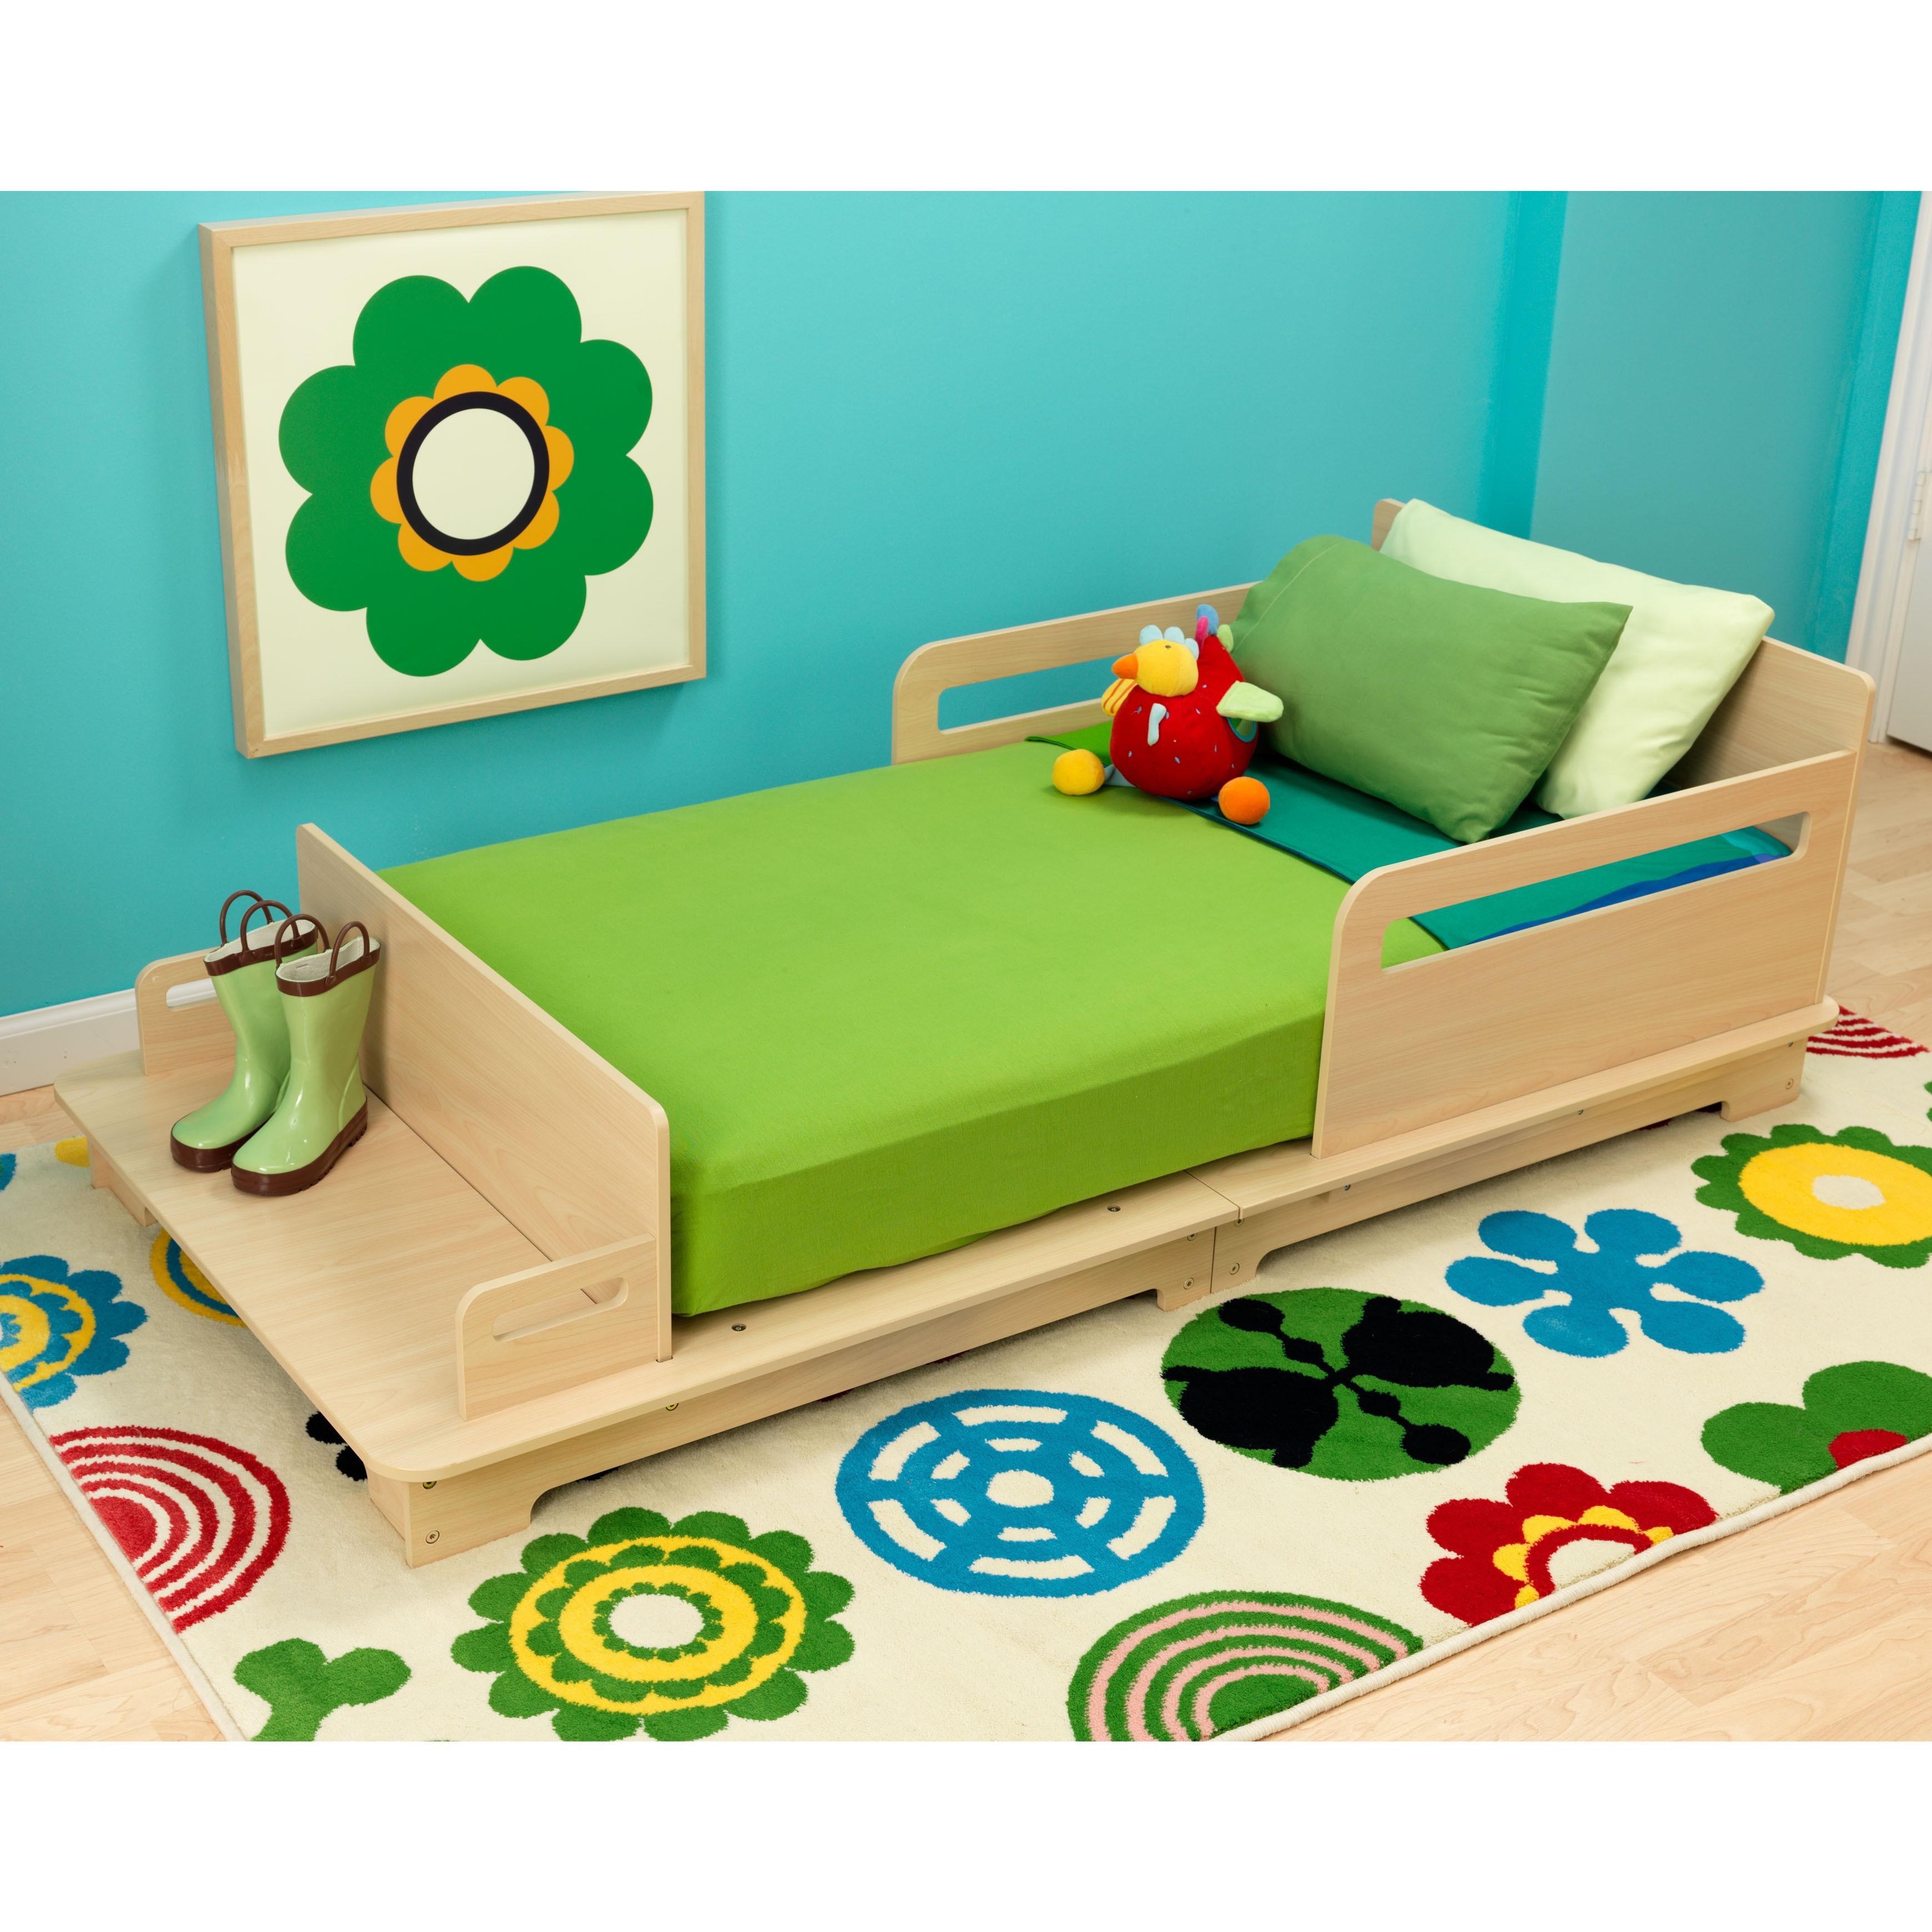 Shop Kidkraft Modern Toddler Bed Overstock 9294596